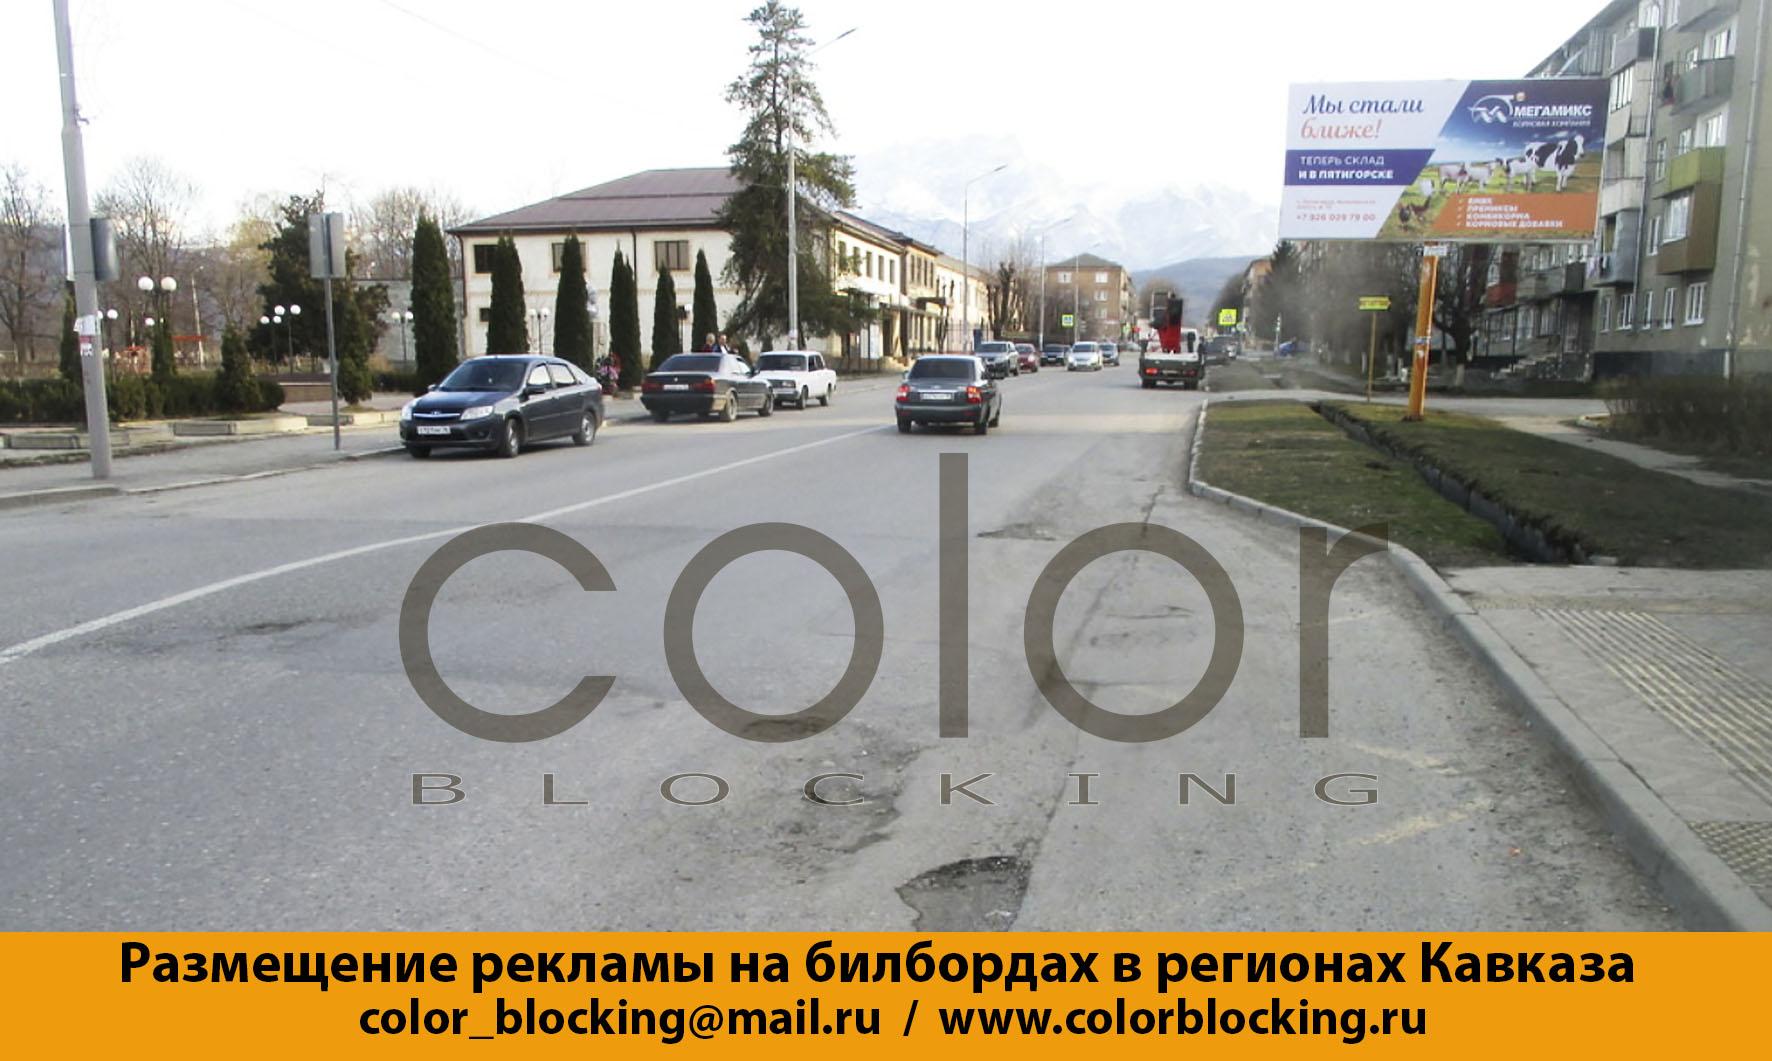 Реклама на билбордах на Кавказе Алагир